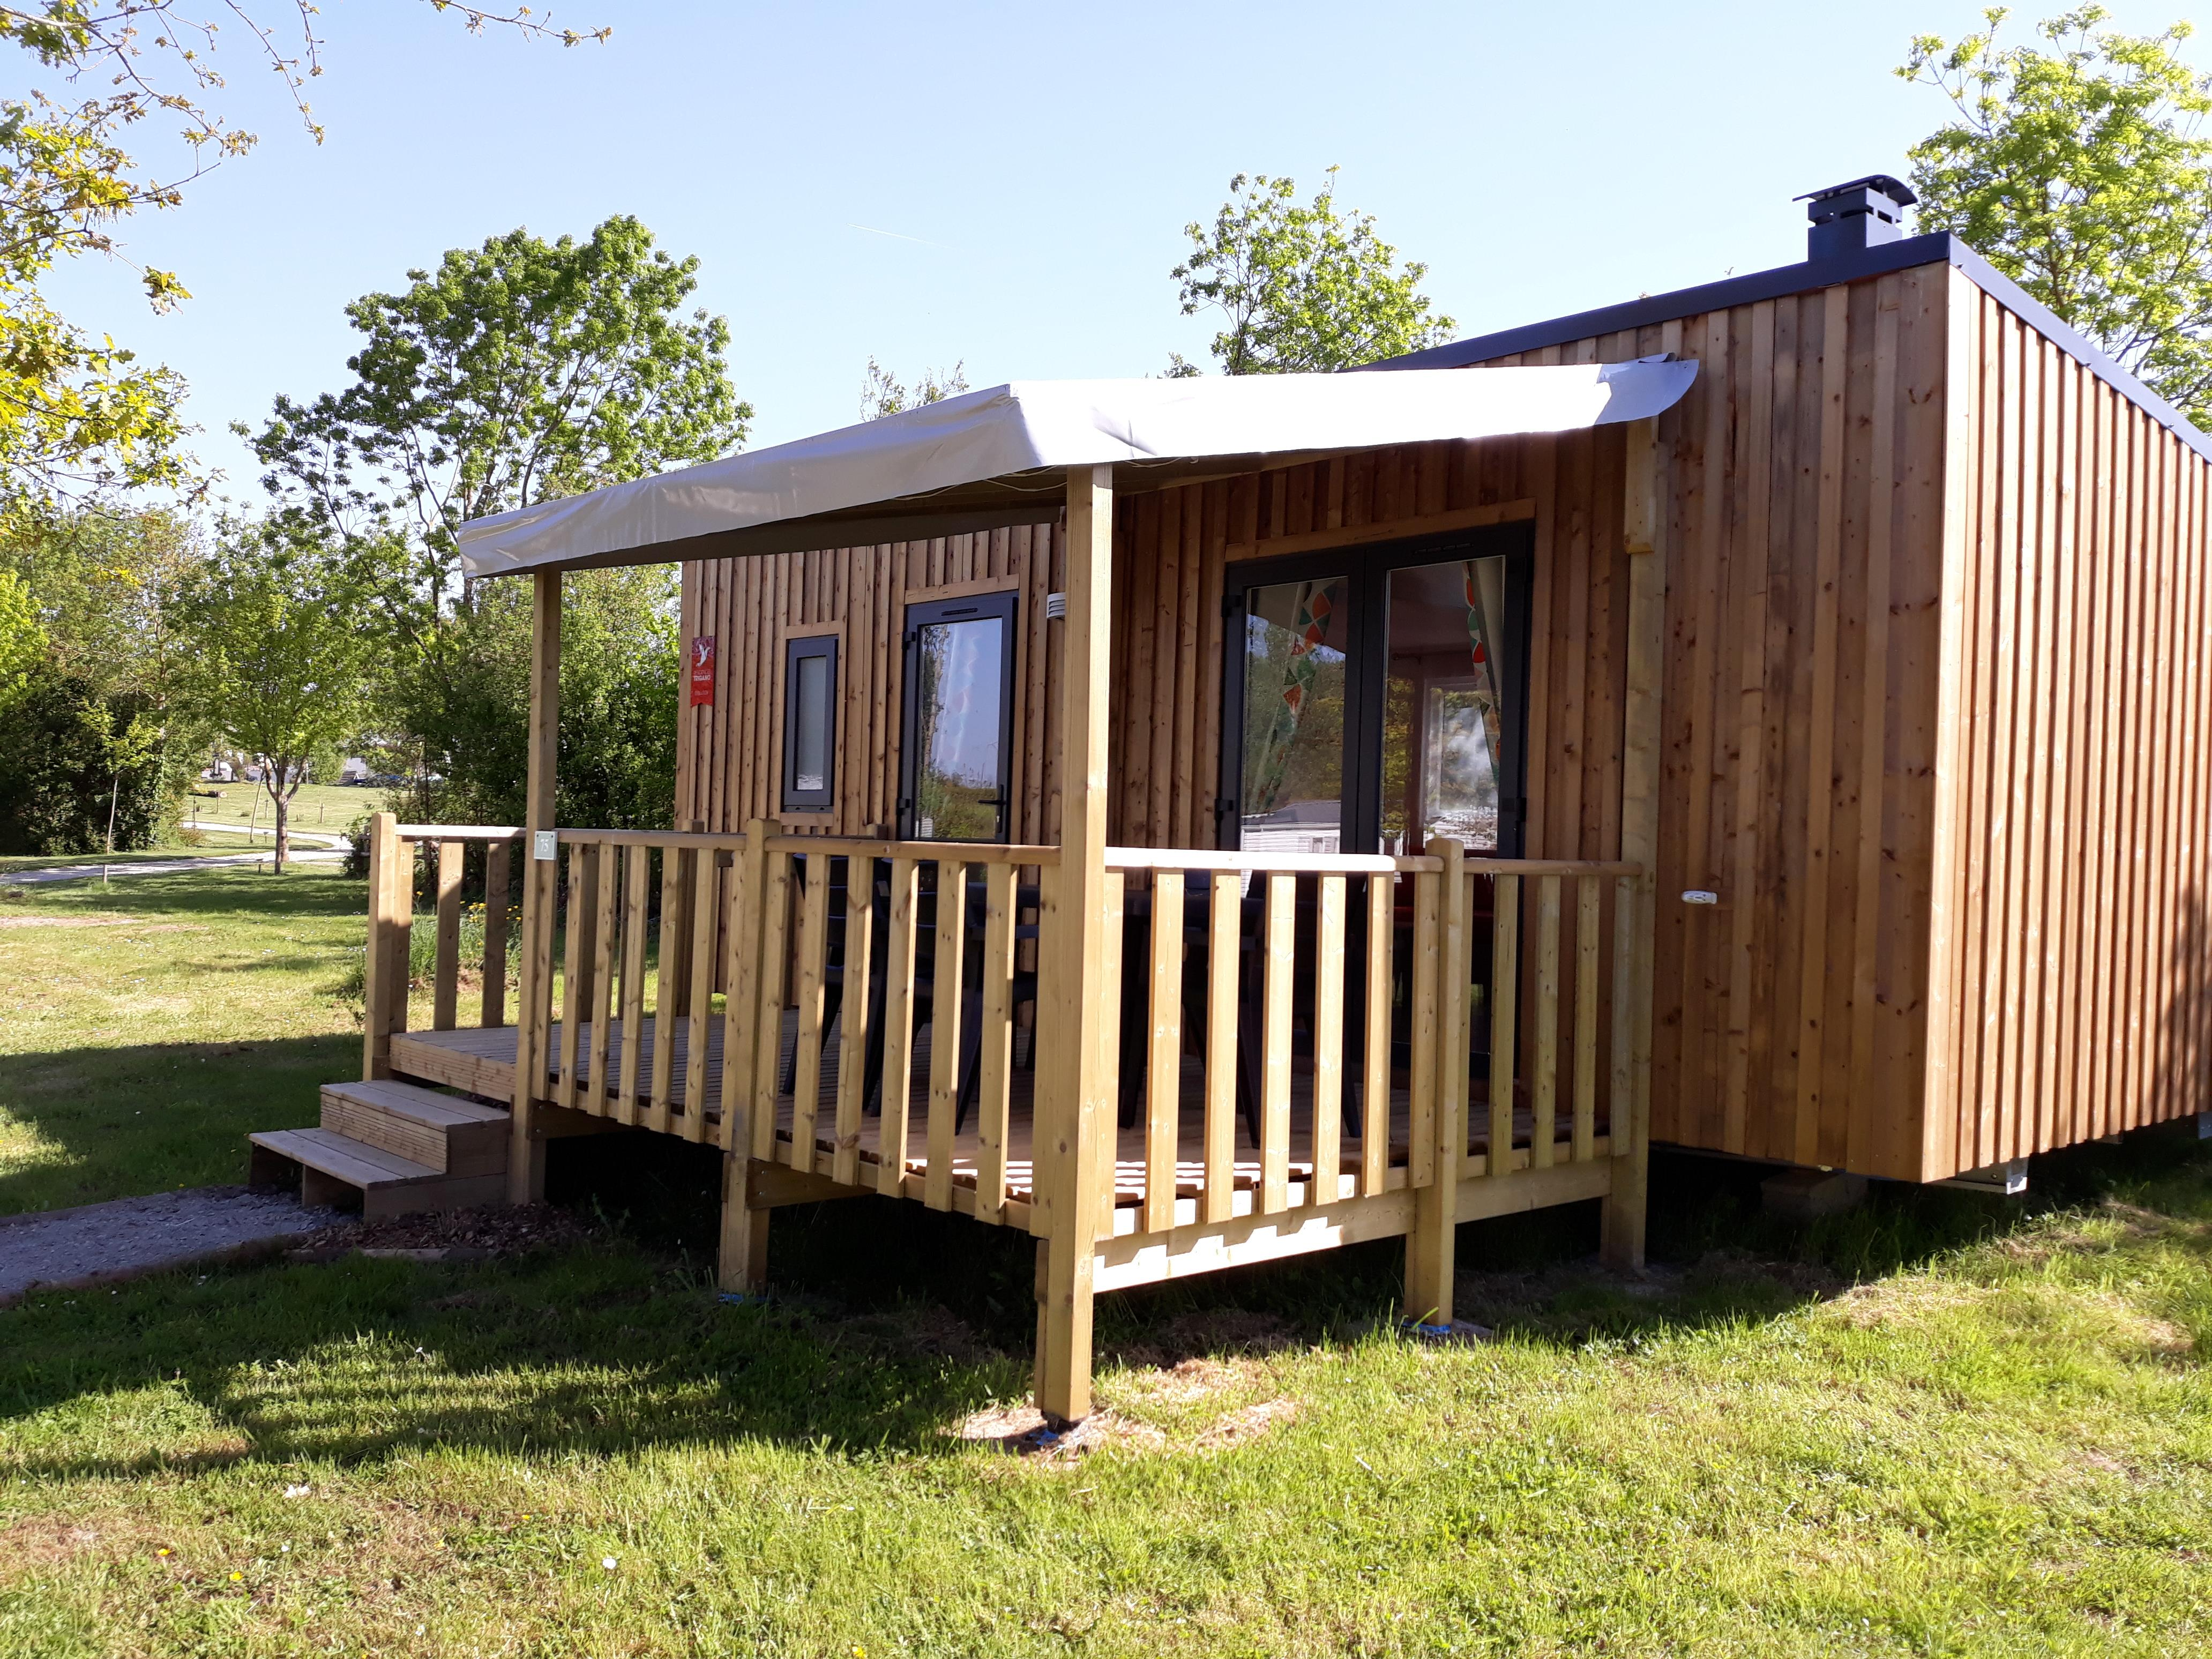 CONFORT+ Mobil home EVO 2 chambres 29m² + terrasse semi-couverte, bardage bois